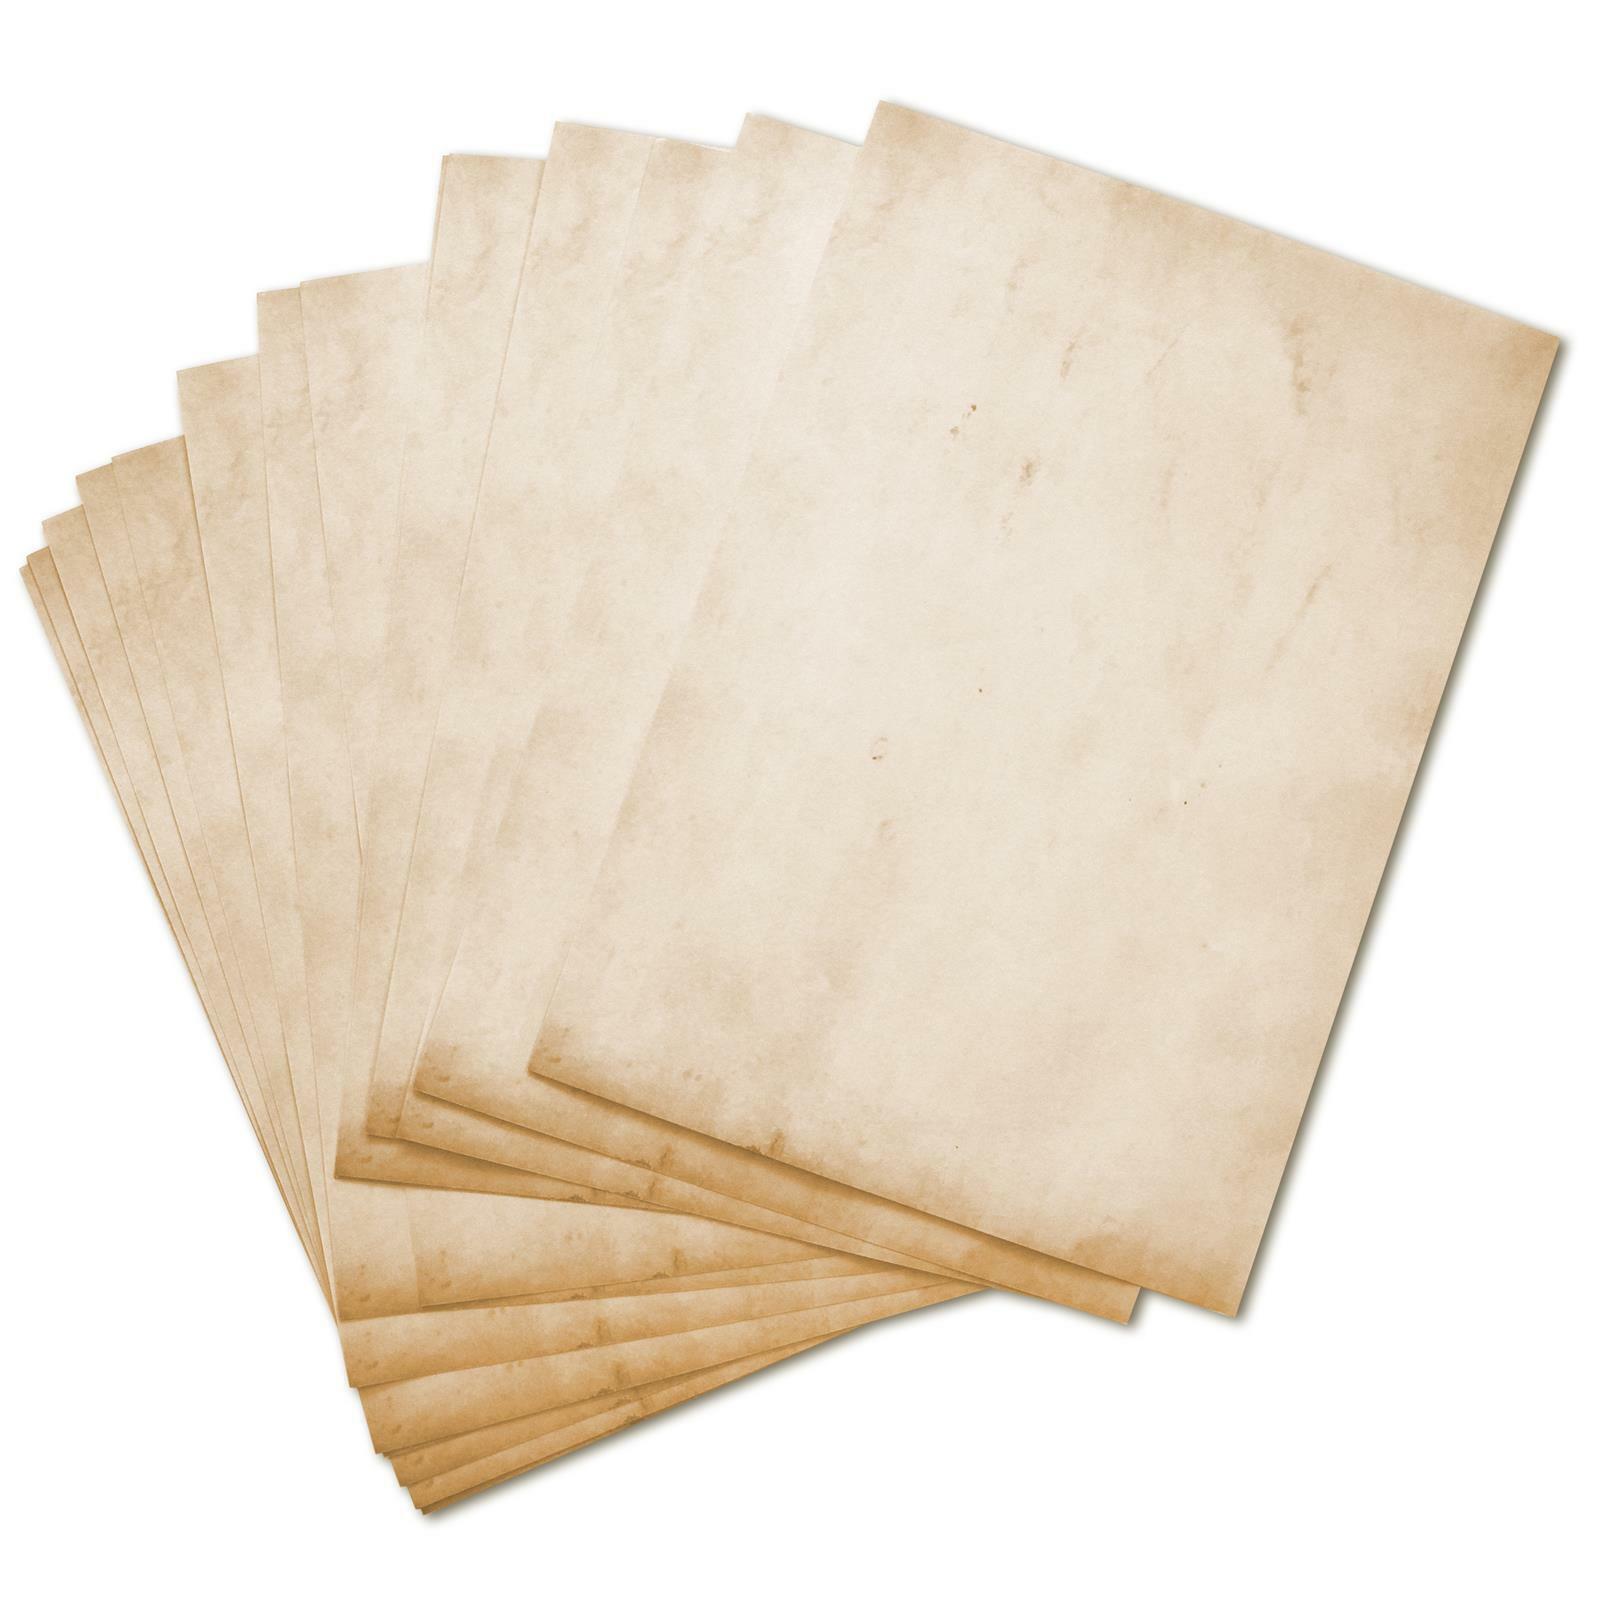 marmoriertes Papier 150g f.Urkunden Speisekarte Einladung Jubiläum Aktion marmor